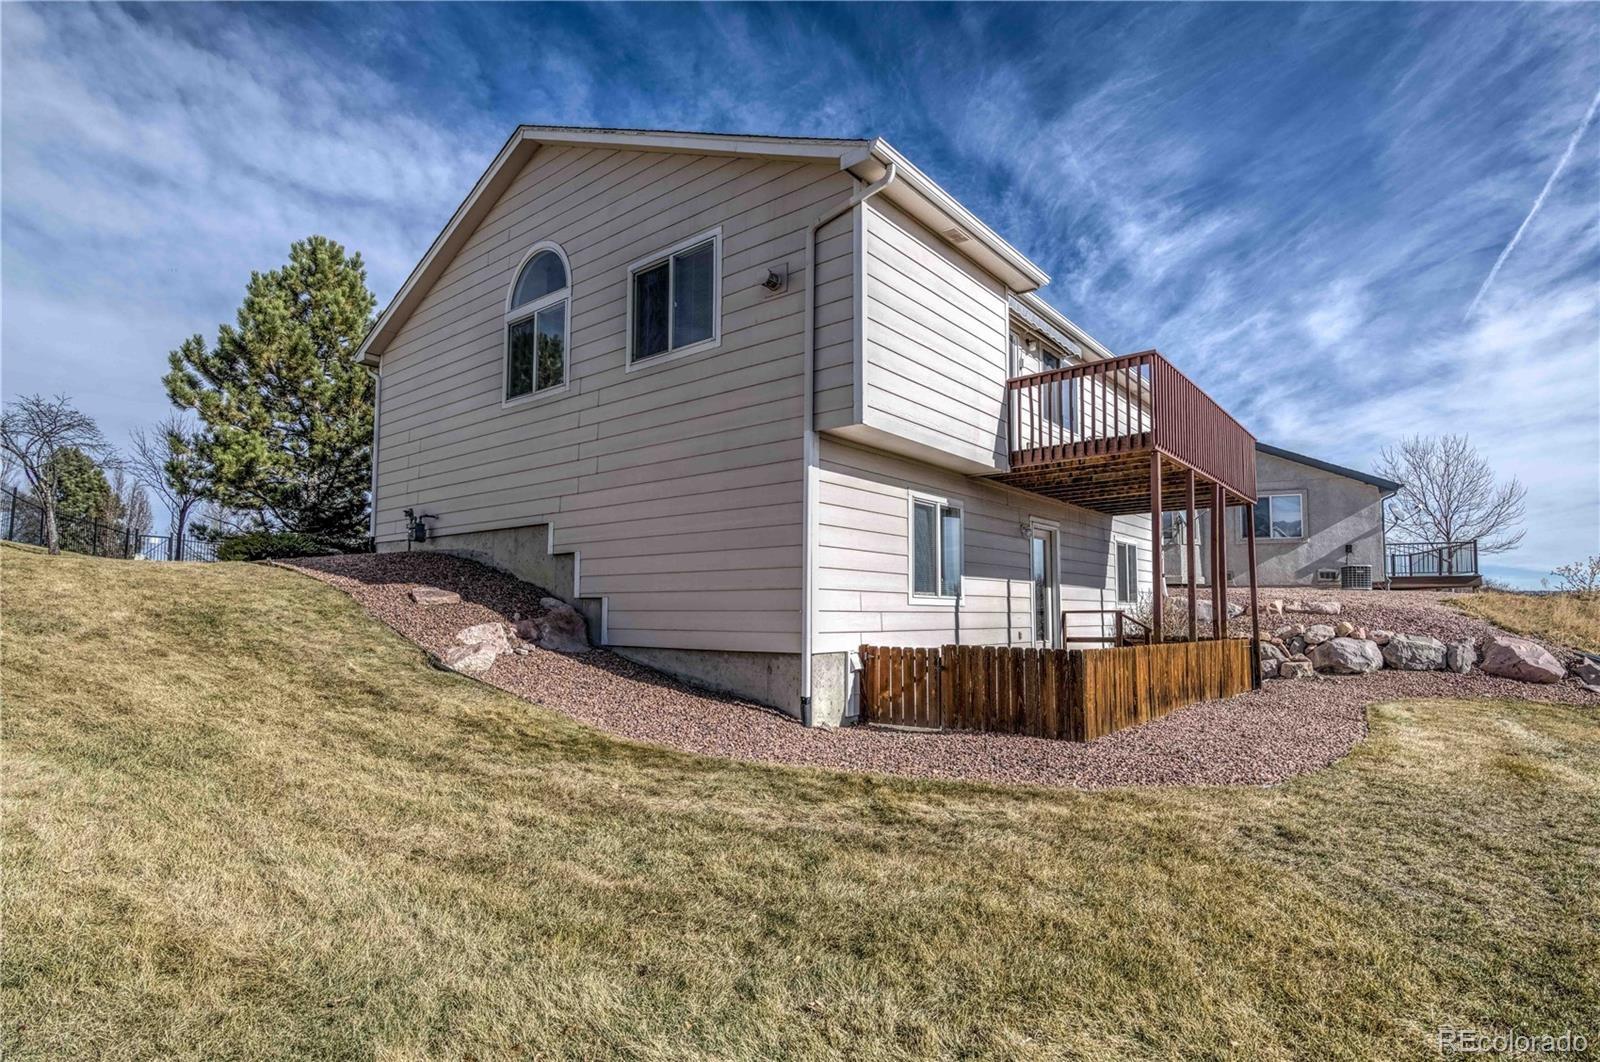 MLS# 5664422 - 29 - 6265 Retreat Point, Colorado Springs, CO 80919